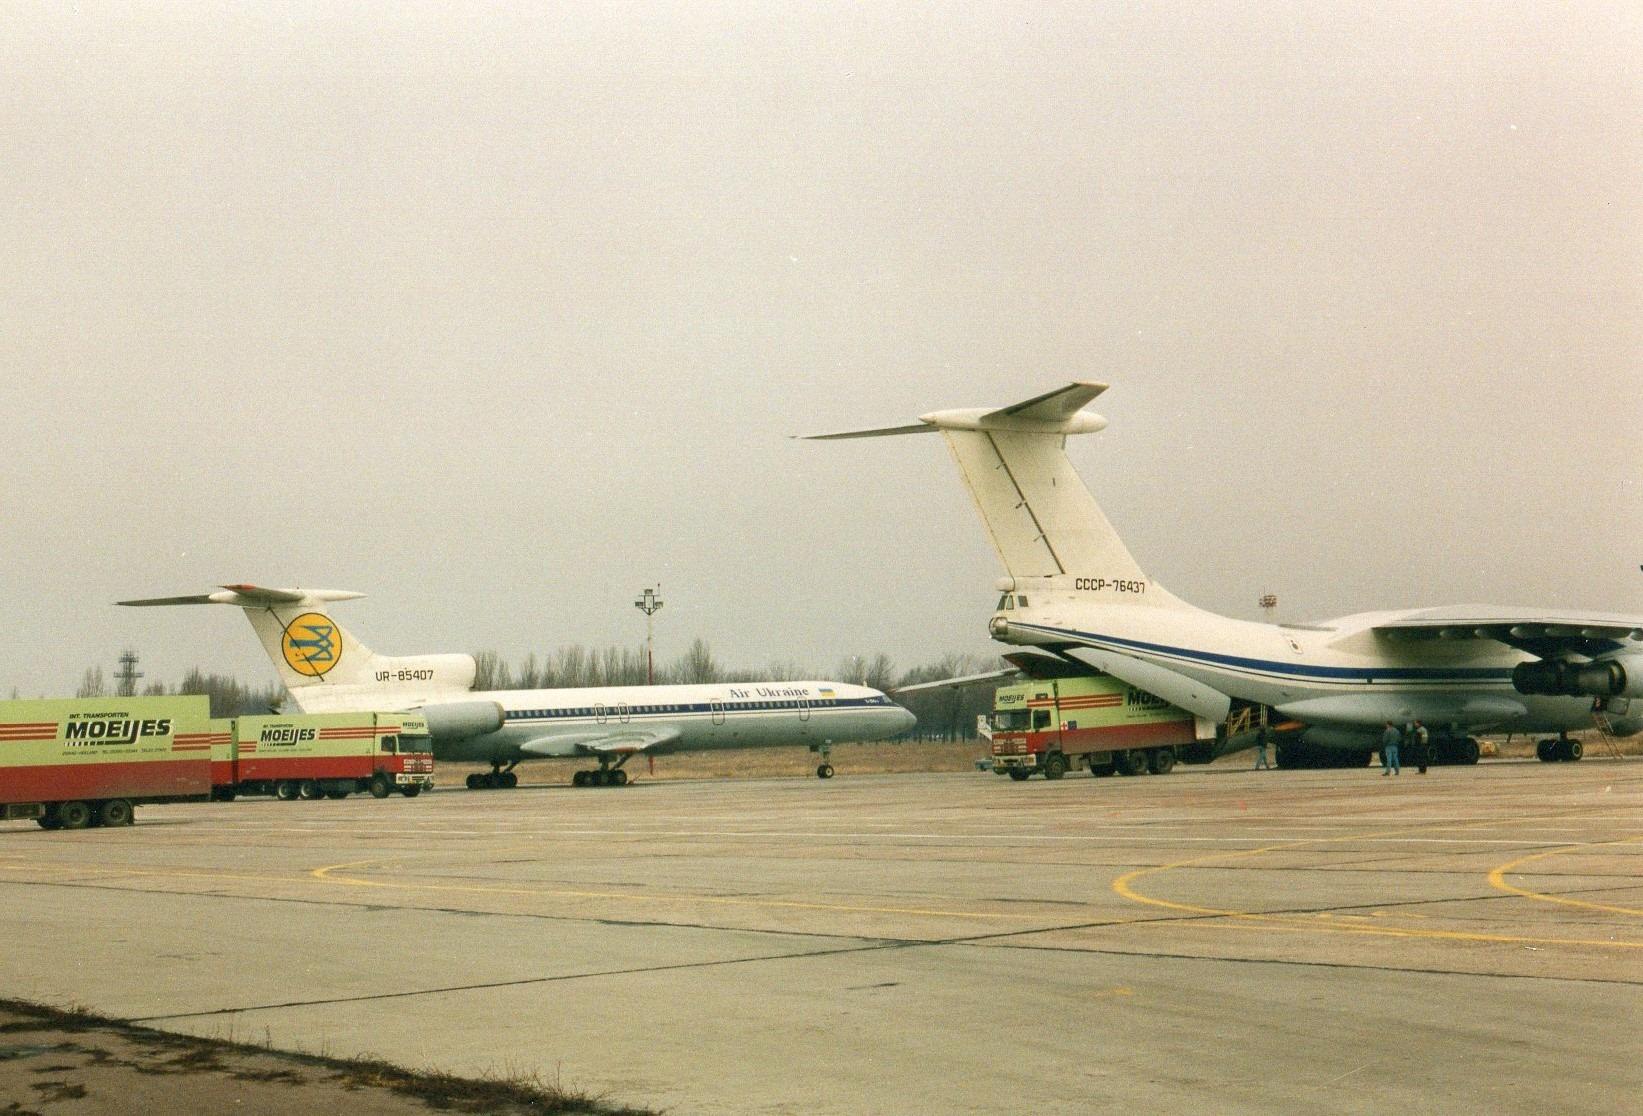 1993-Transporten-medicijnen-voor-het-Rode-Kruis-met-bestemming-Armenie.-Rijden-naar-Armenie-was-toen-te-gevaarlijk-in-Kiev-werd-het-overgeladen-12